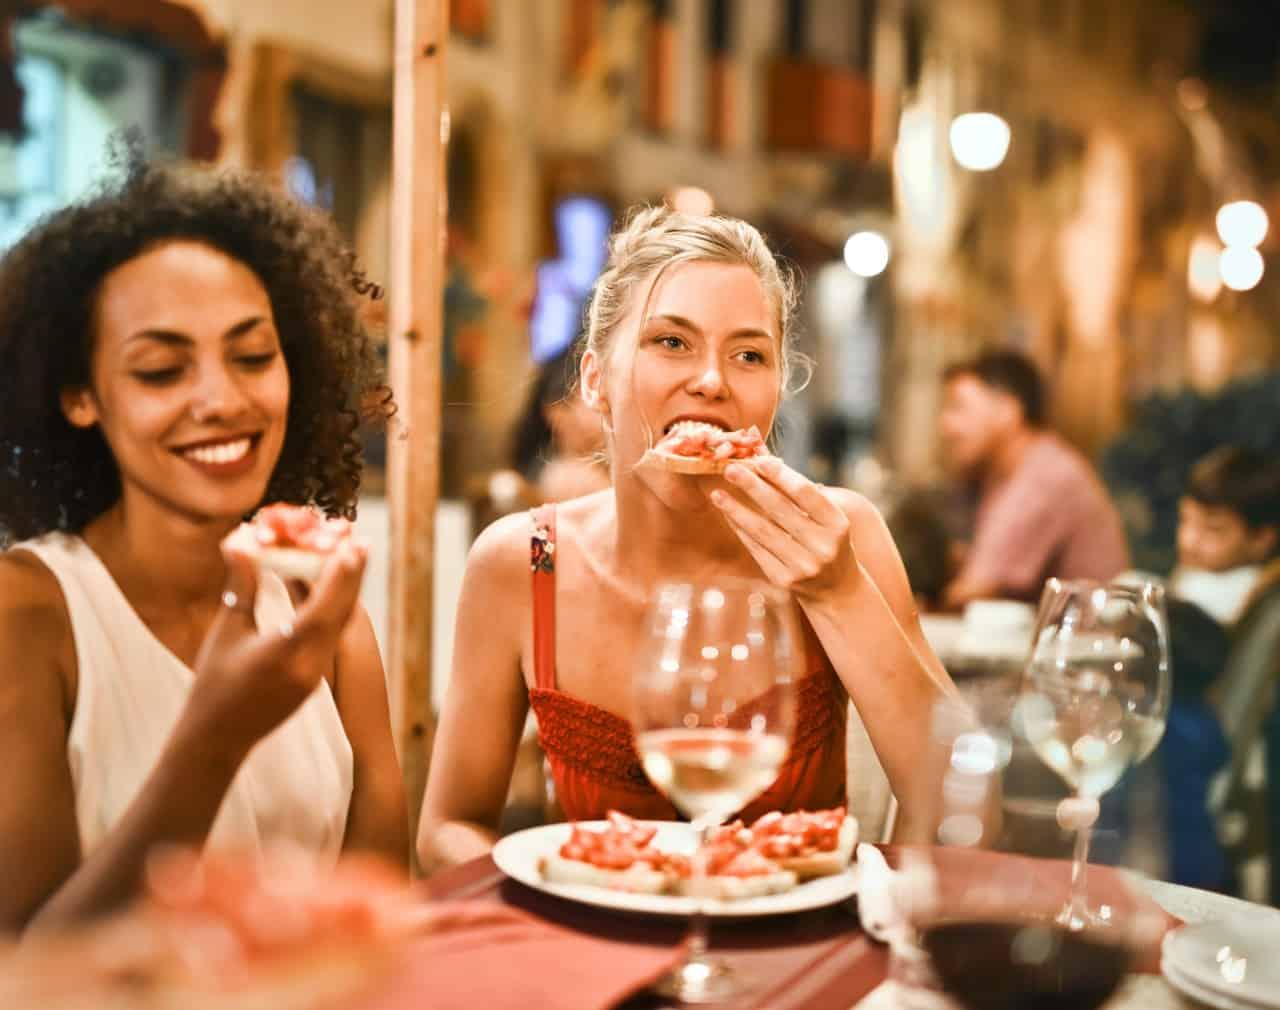 women eating pizza: doordash driver requirements